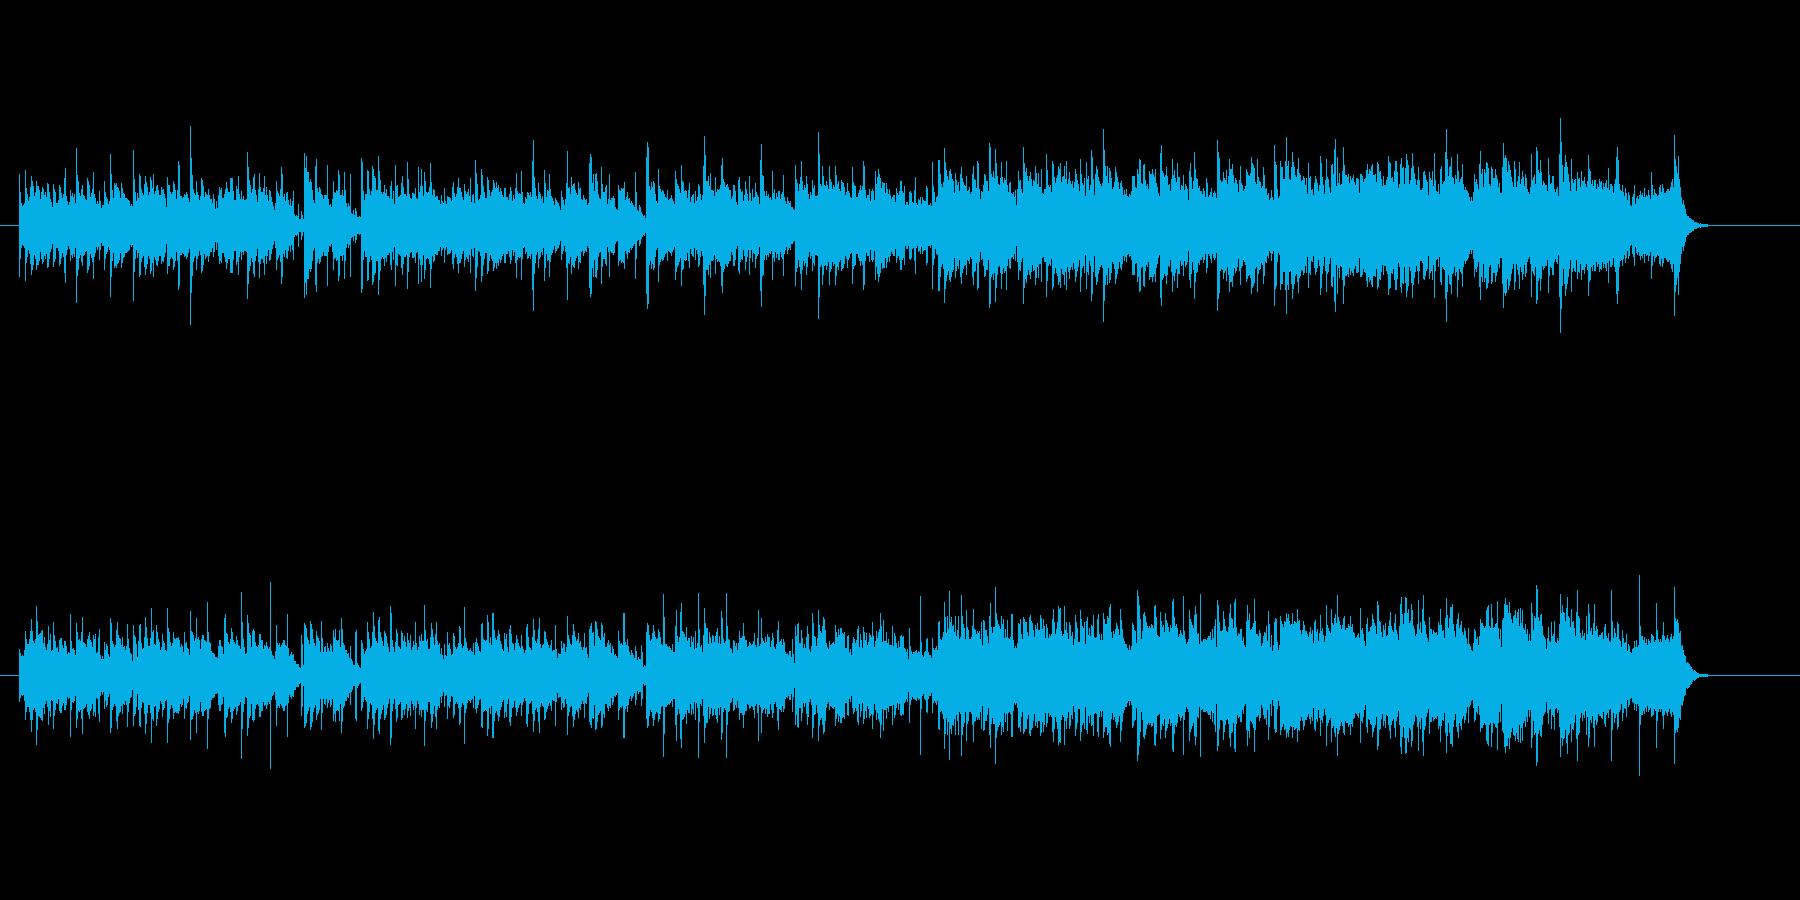 民族音楽風(カレー伝来)の再生済みの波形